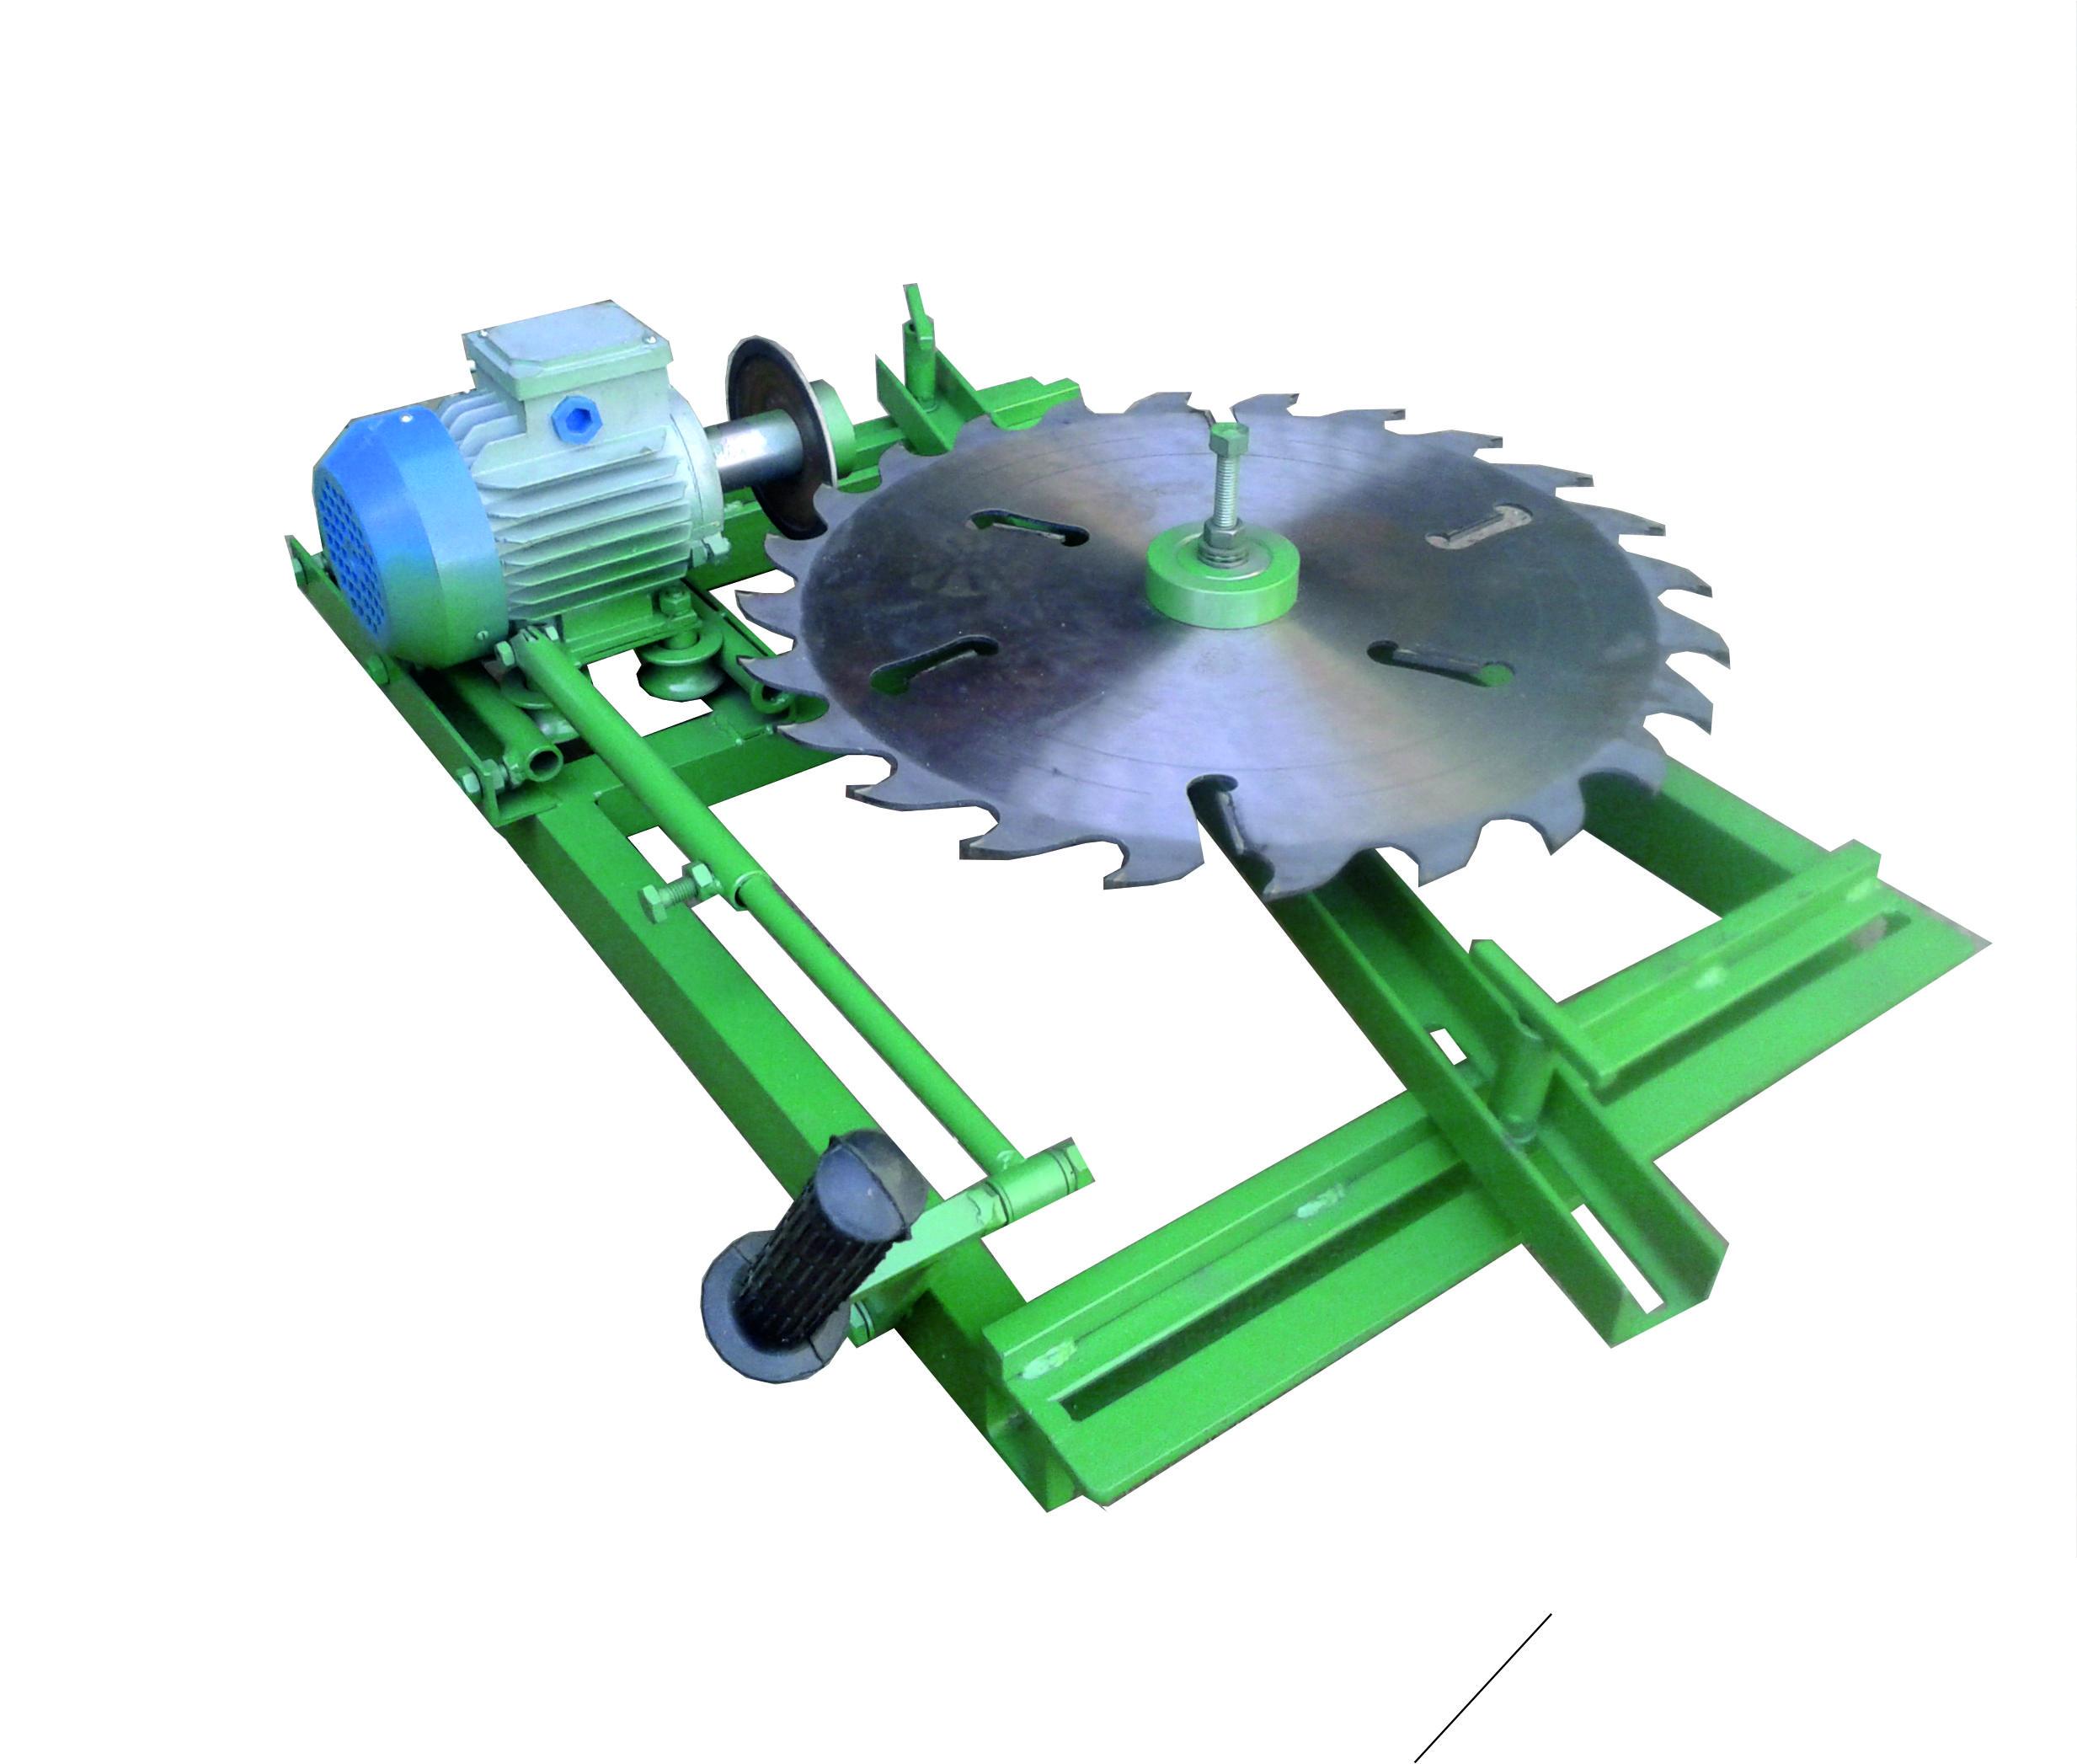 Ленточные транспортеры в минске конвейер в лаве